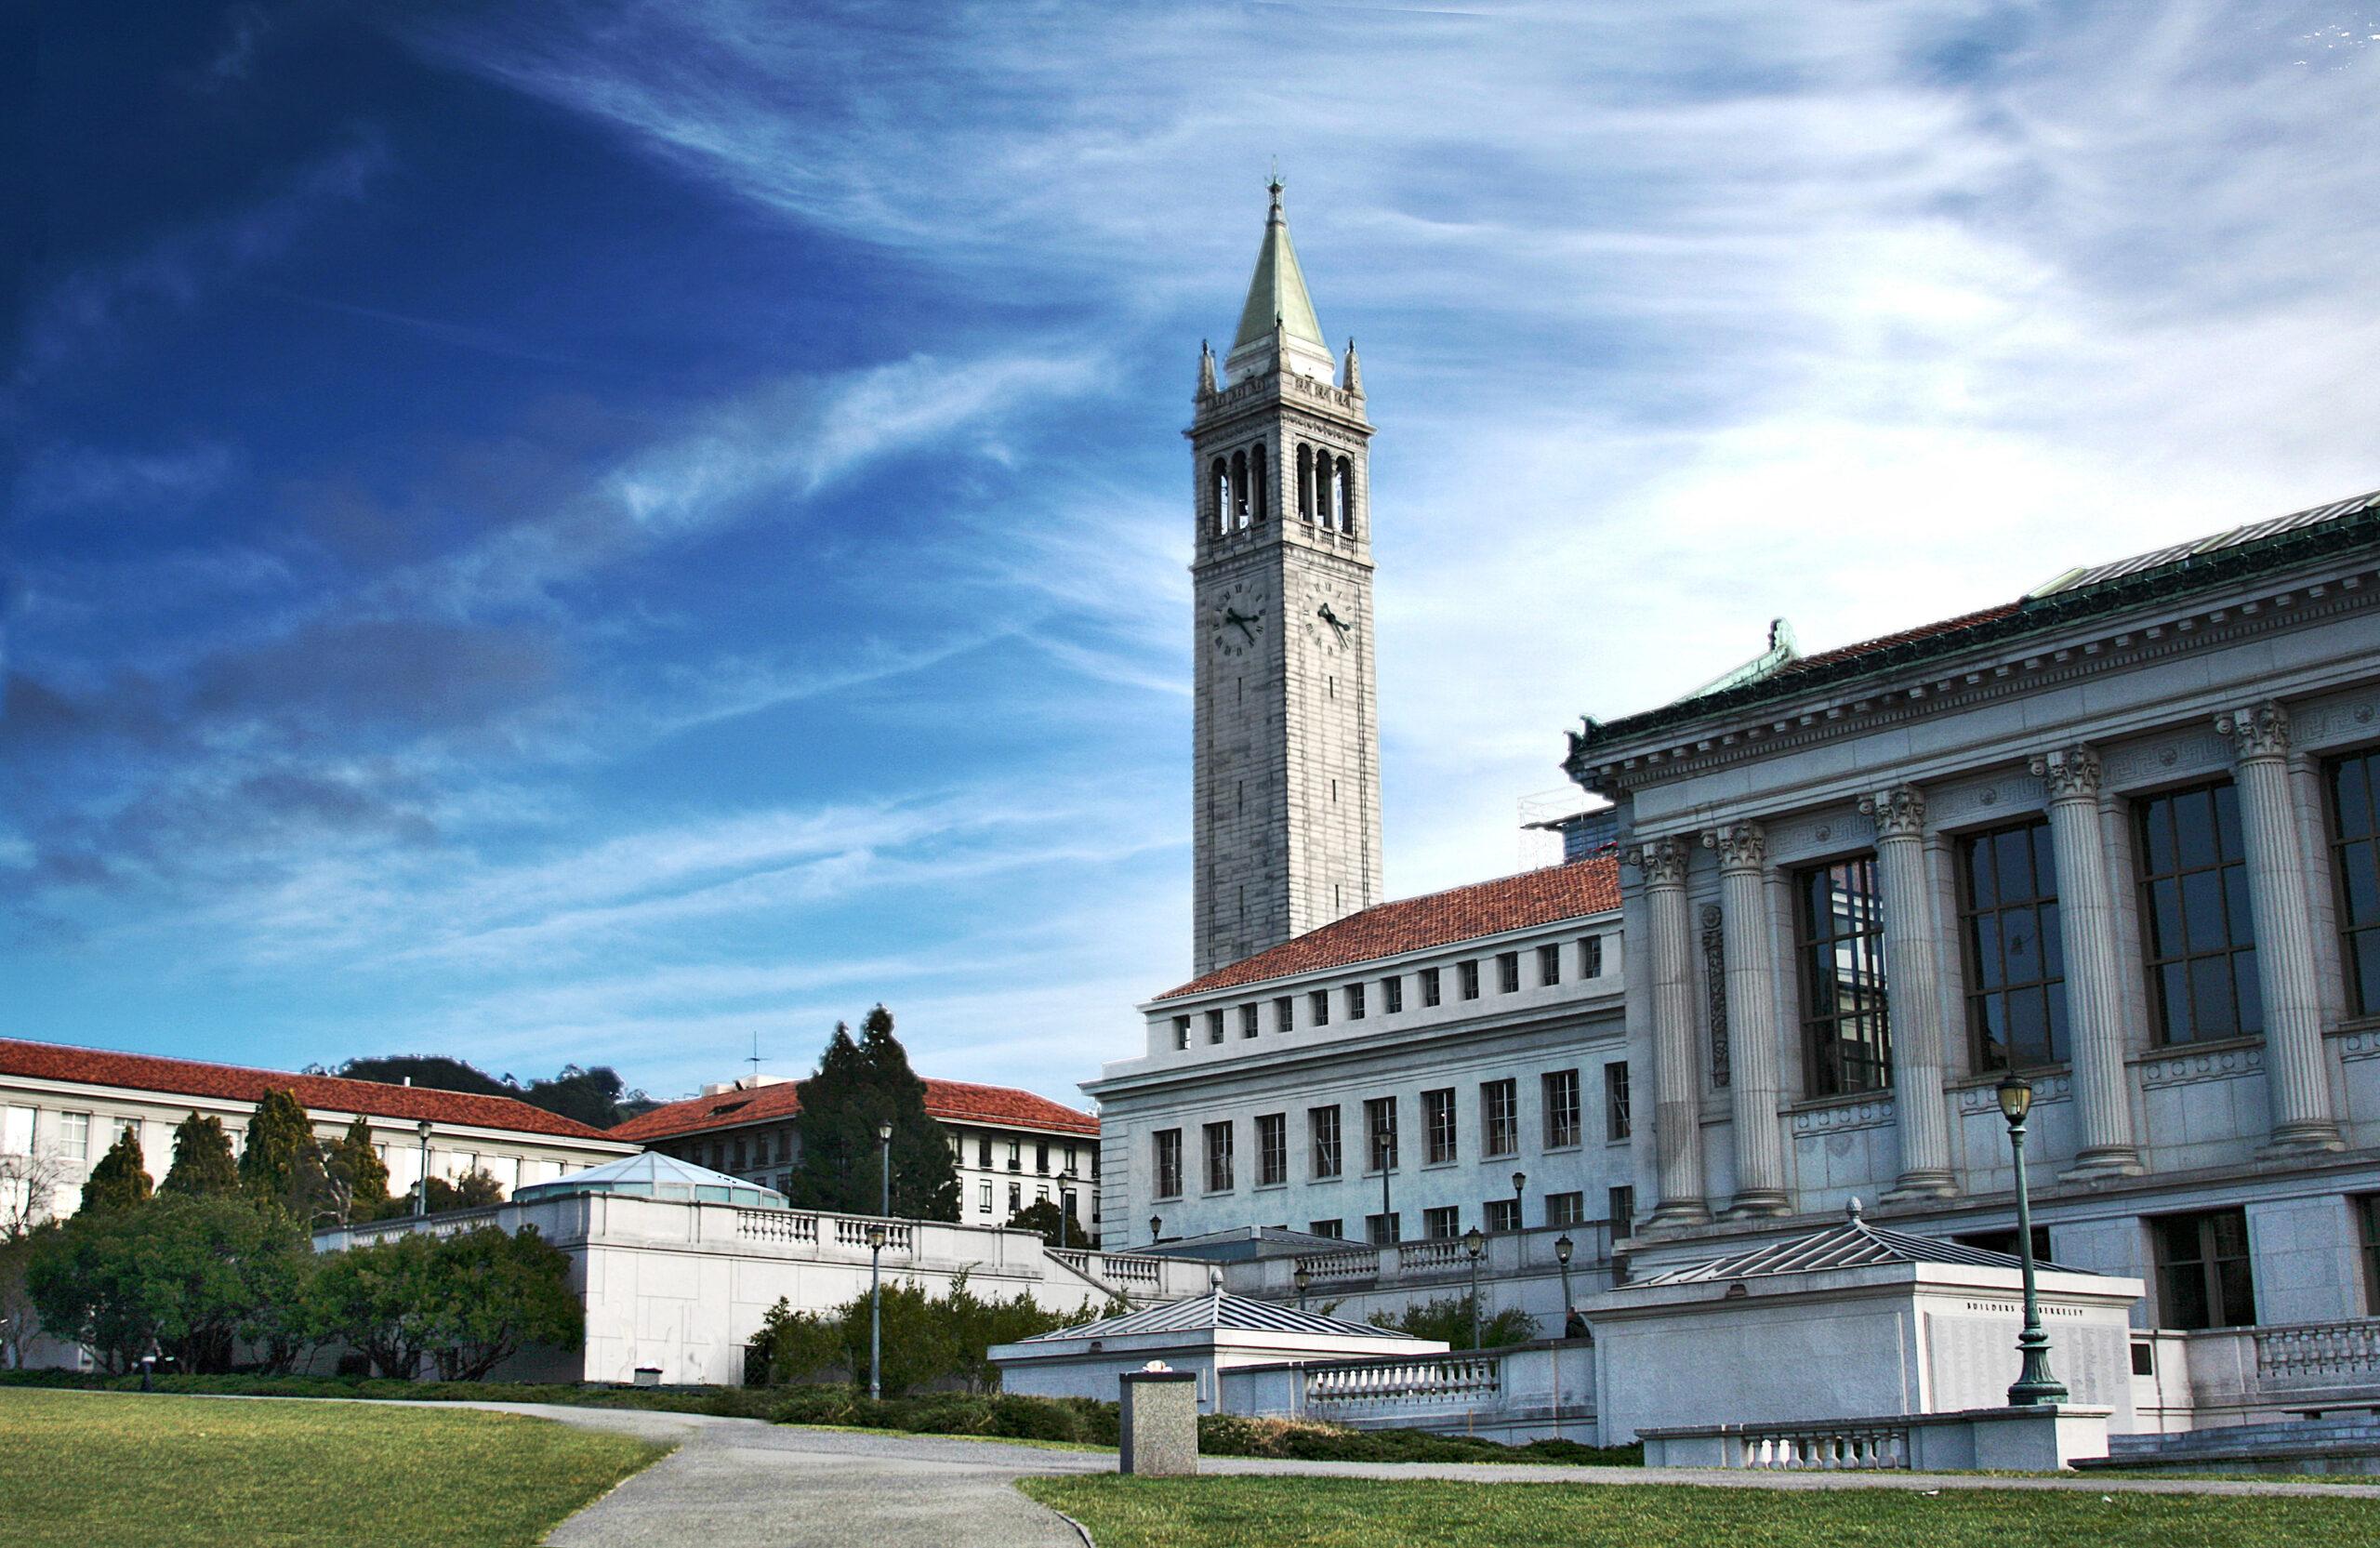 O que é a Universidade da Califórnia?